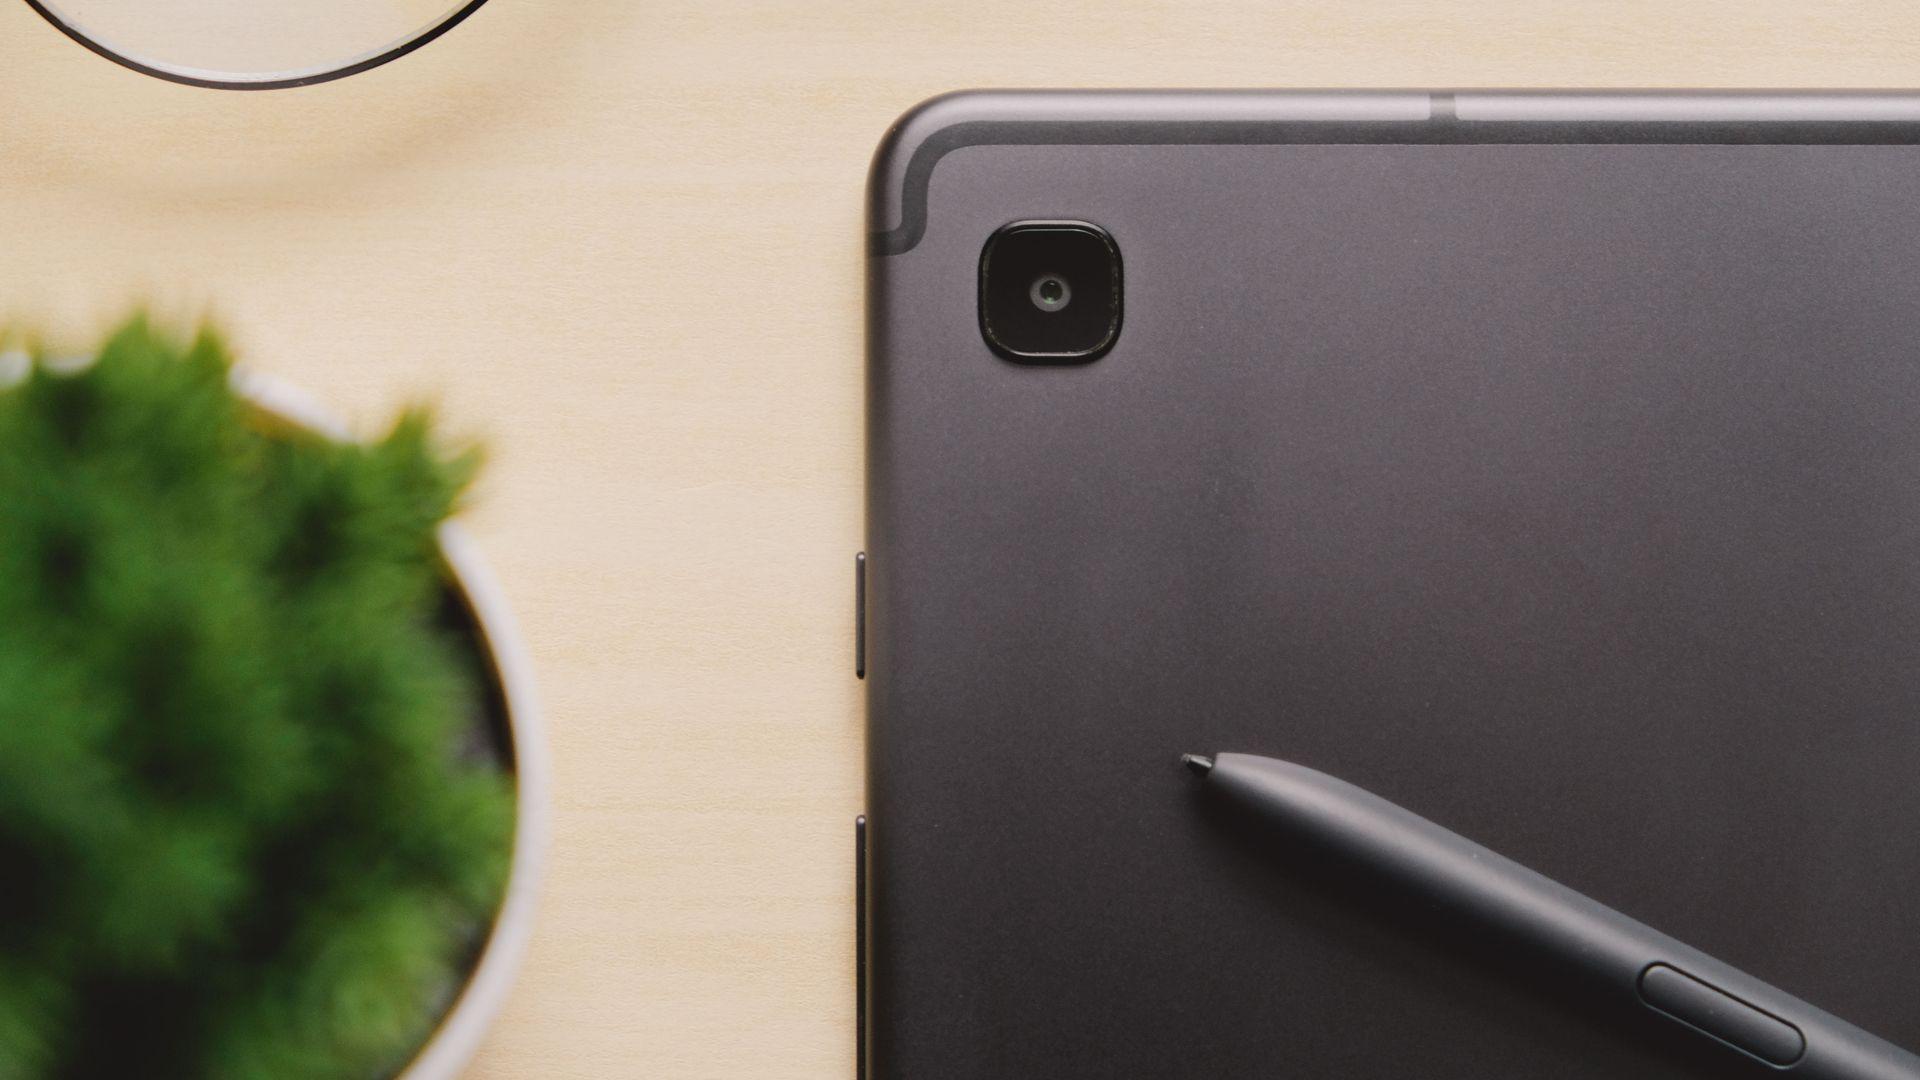 Galaxy Tab S6 tem câmera traseira de 8 MP (Imagem: Framesira/Shutterstock)